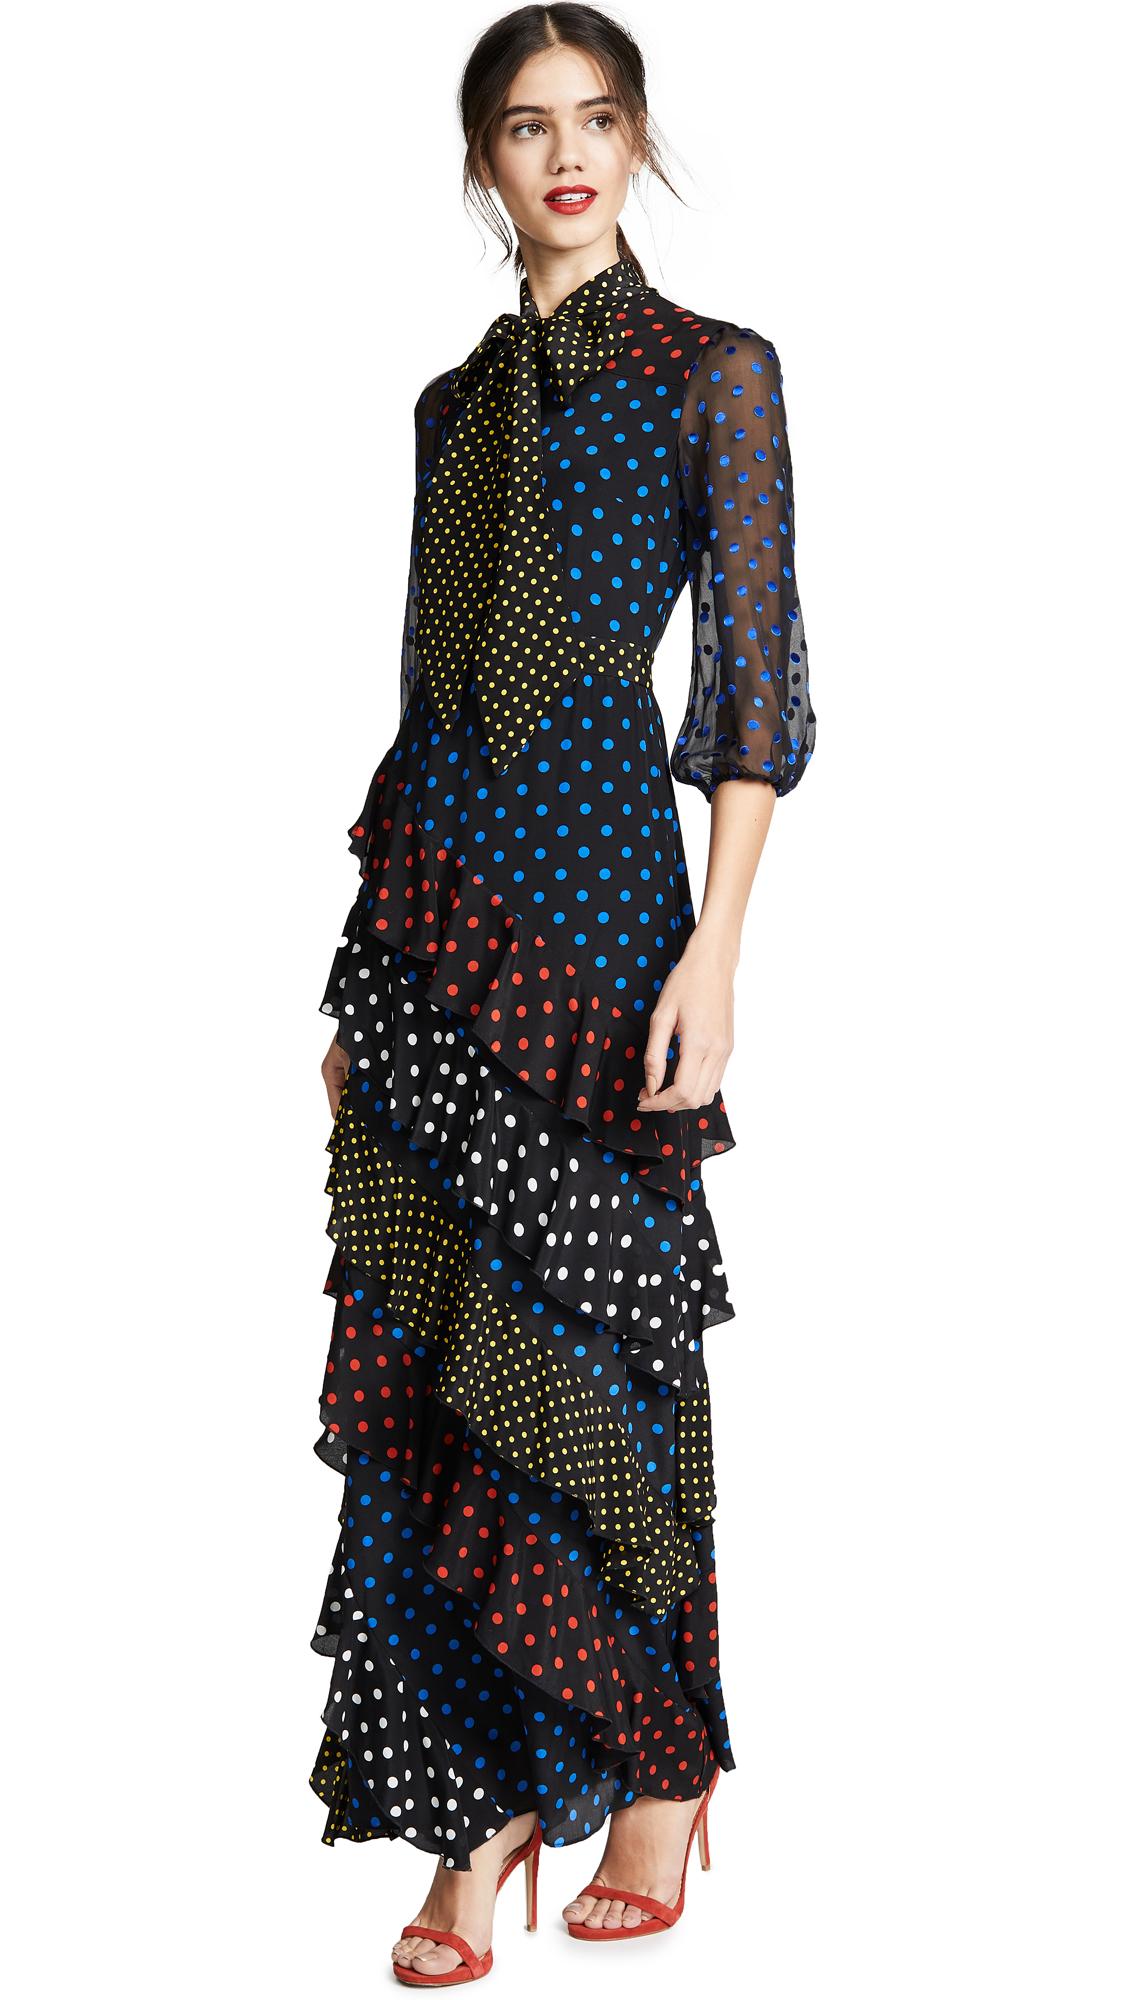 alice + olivia Lessie Tie Neck Blsn Sleeve Ruffle Dress - Med Polka Dot Black/Cobalt